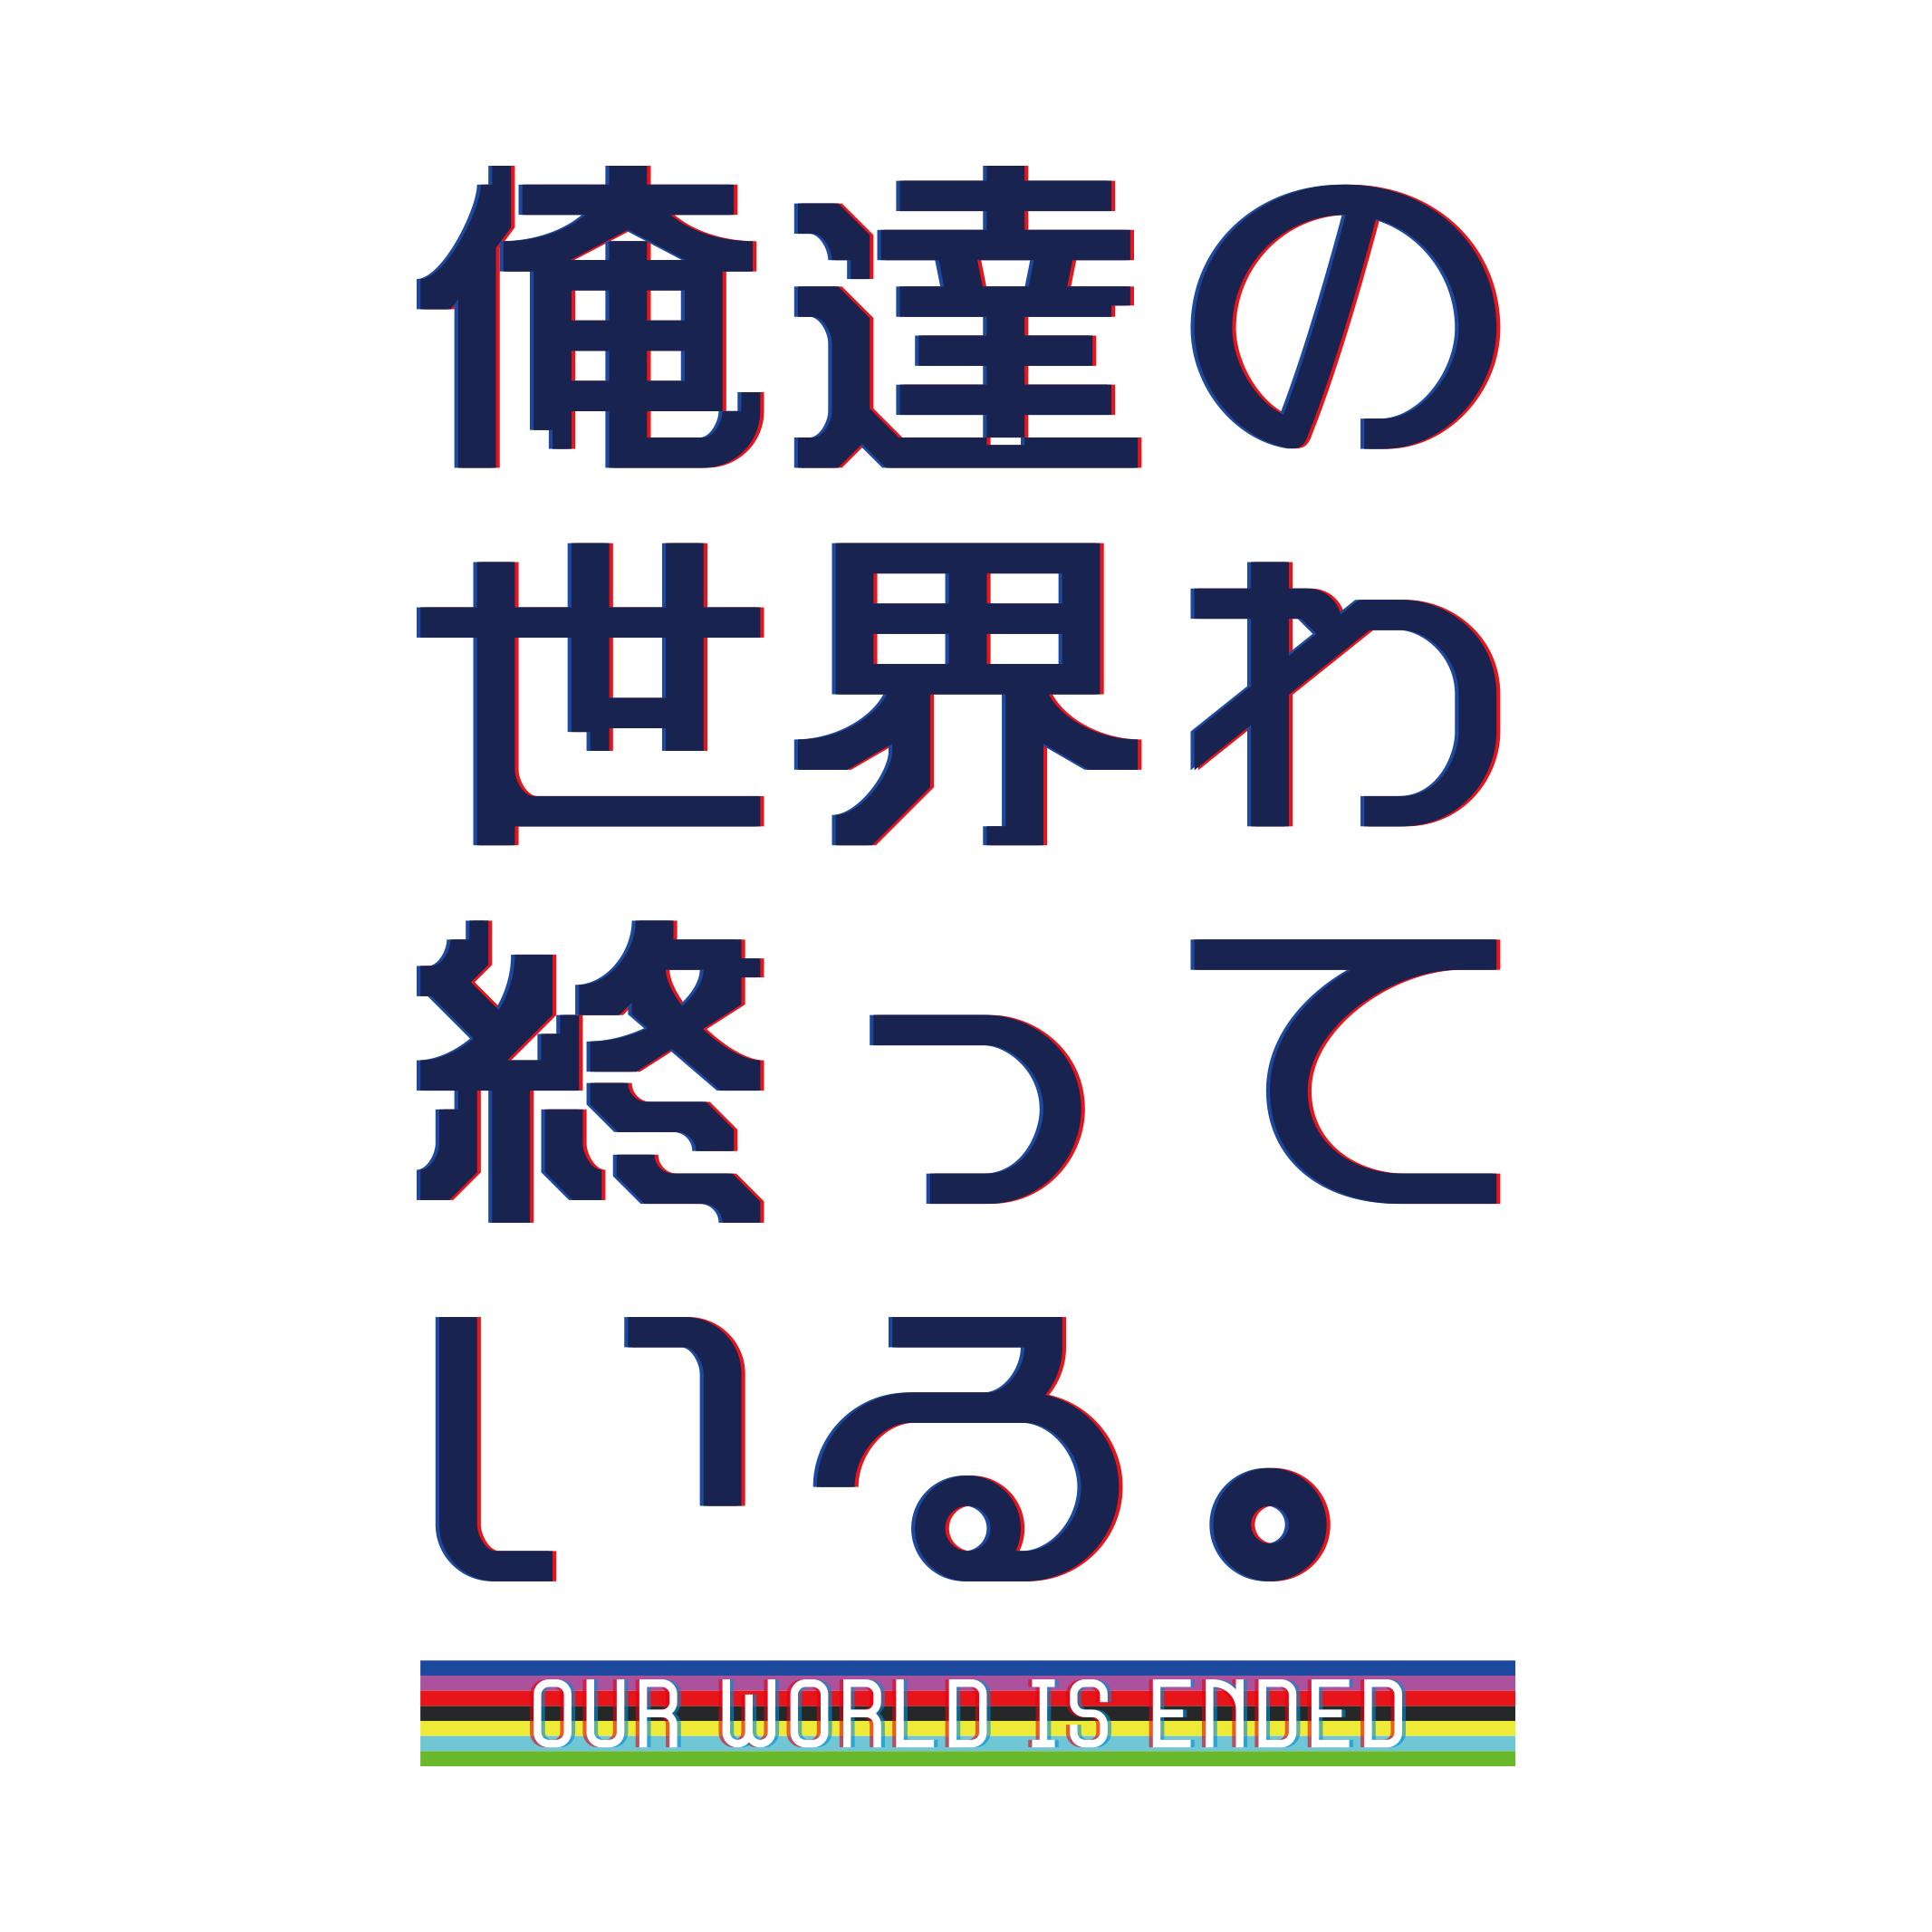 オレオワトピックス更新用ロゴ